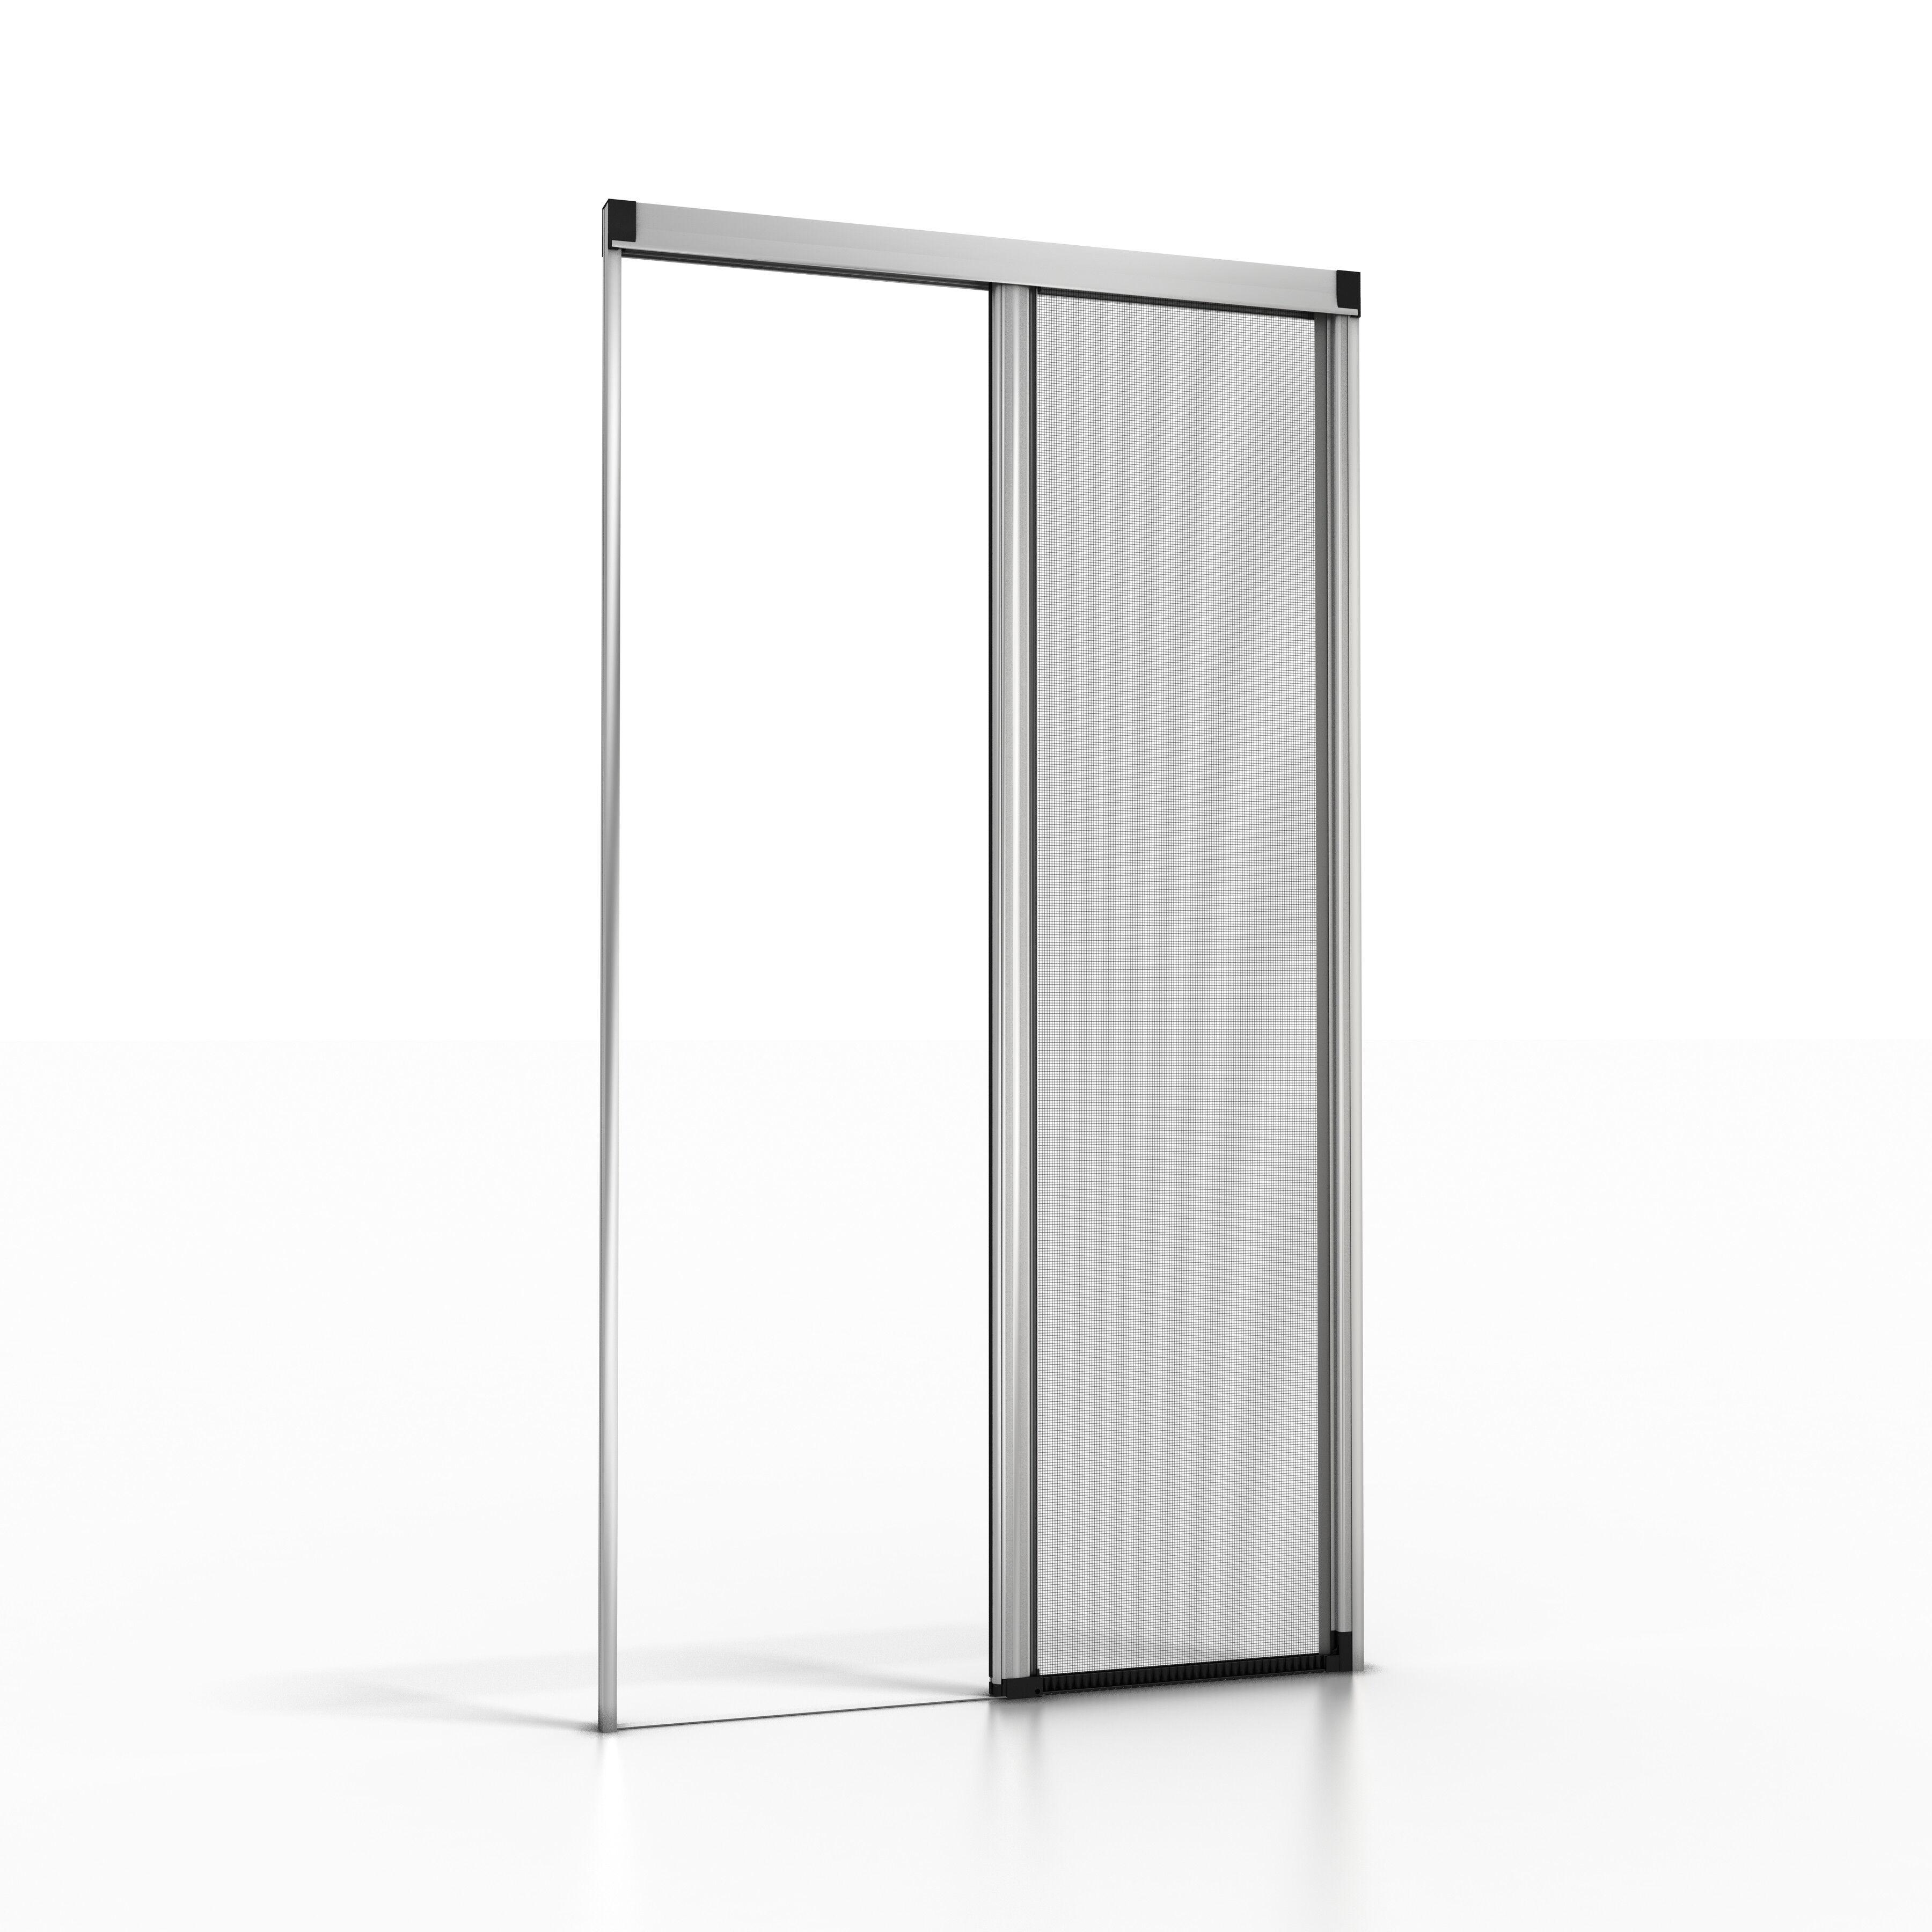 NoFlyStore Moustiquaire enroulable pour porte et porte-fenêtre NoFlyStore SILVER.04